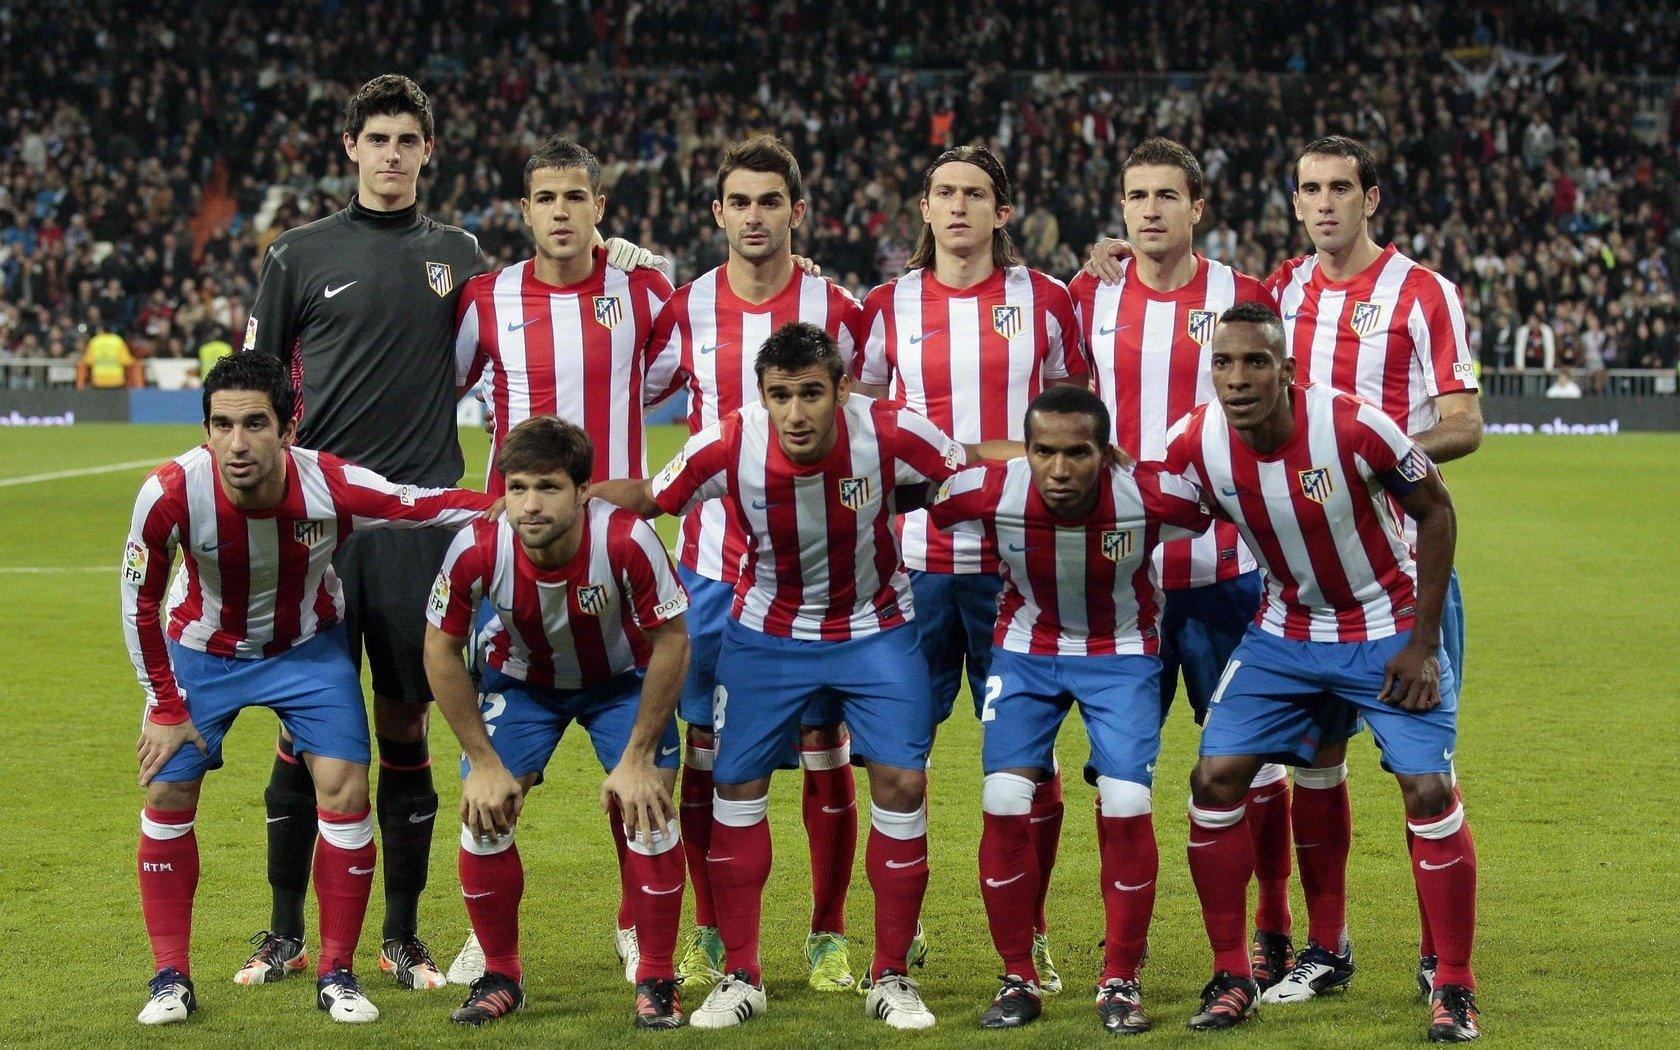 Атлетико Мадрид – Атлетик. Прогноз матча испанской Примеры